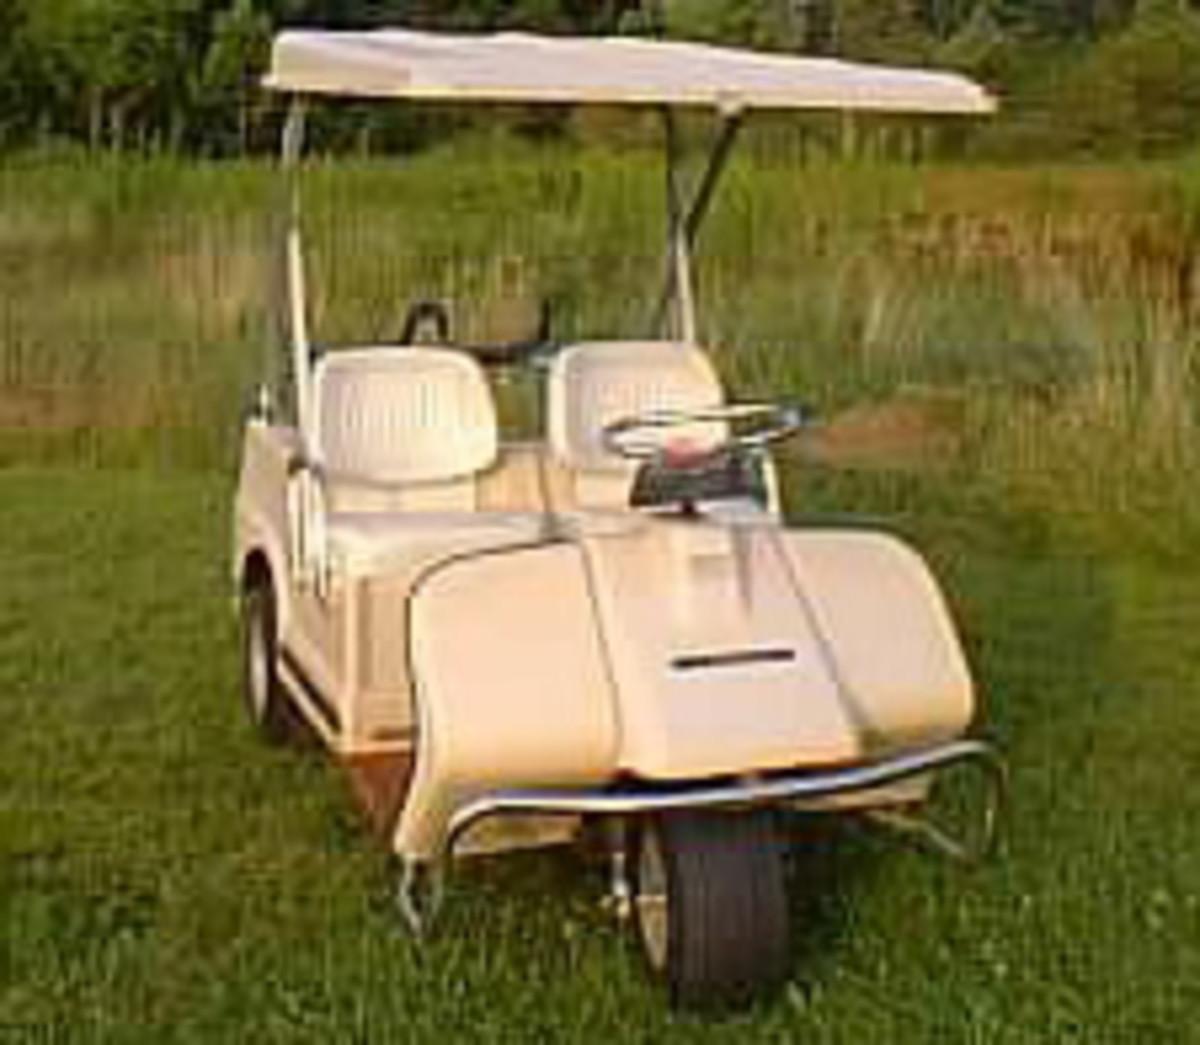 Harley-Davidson Golf Carts